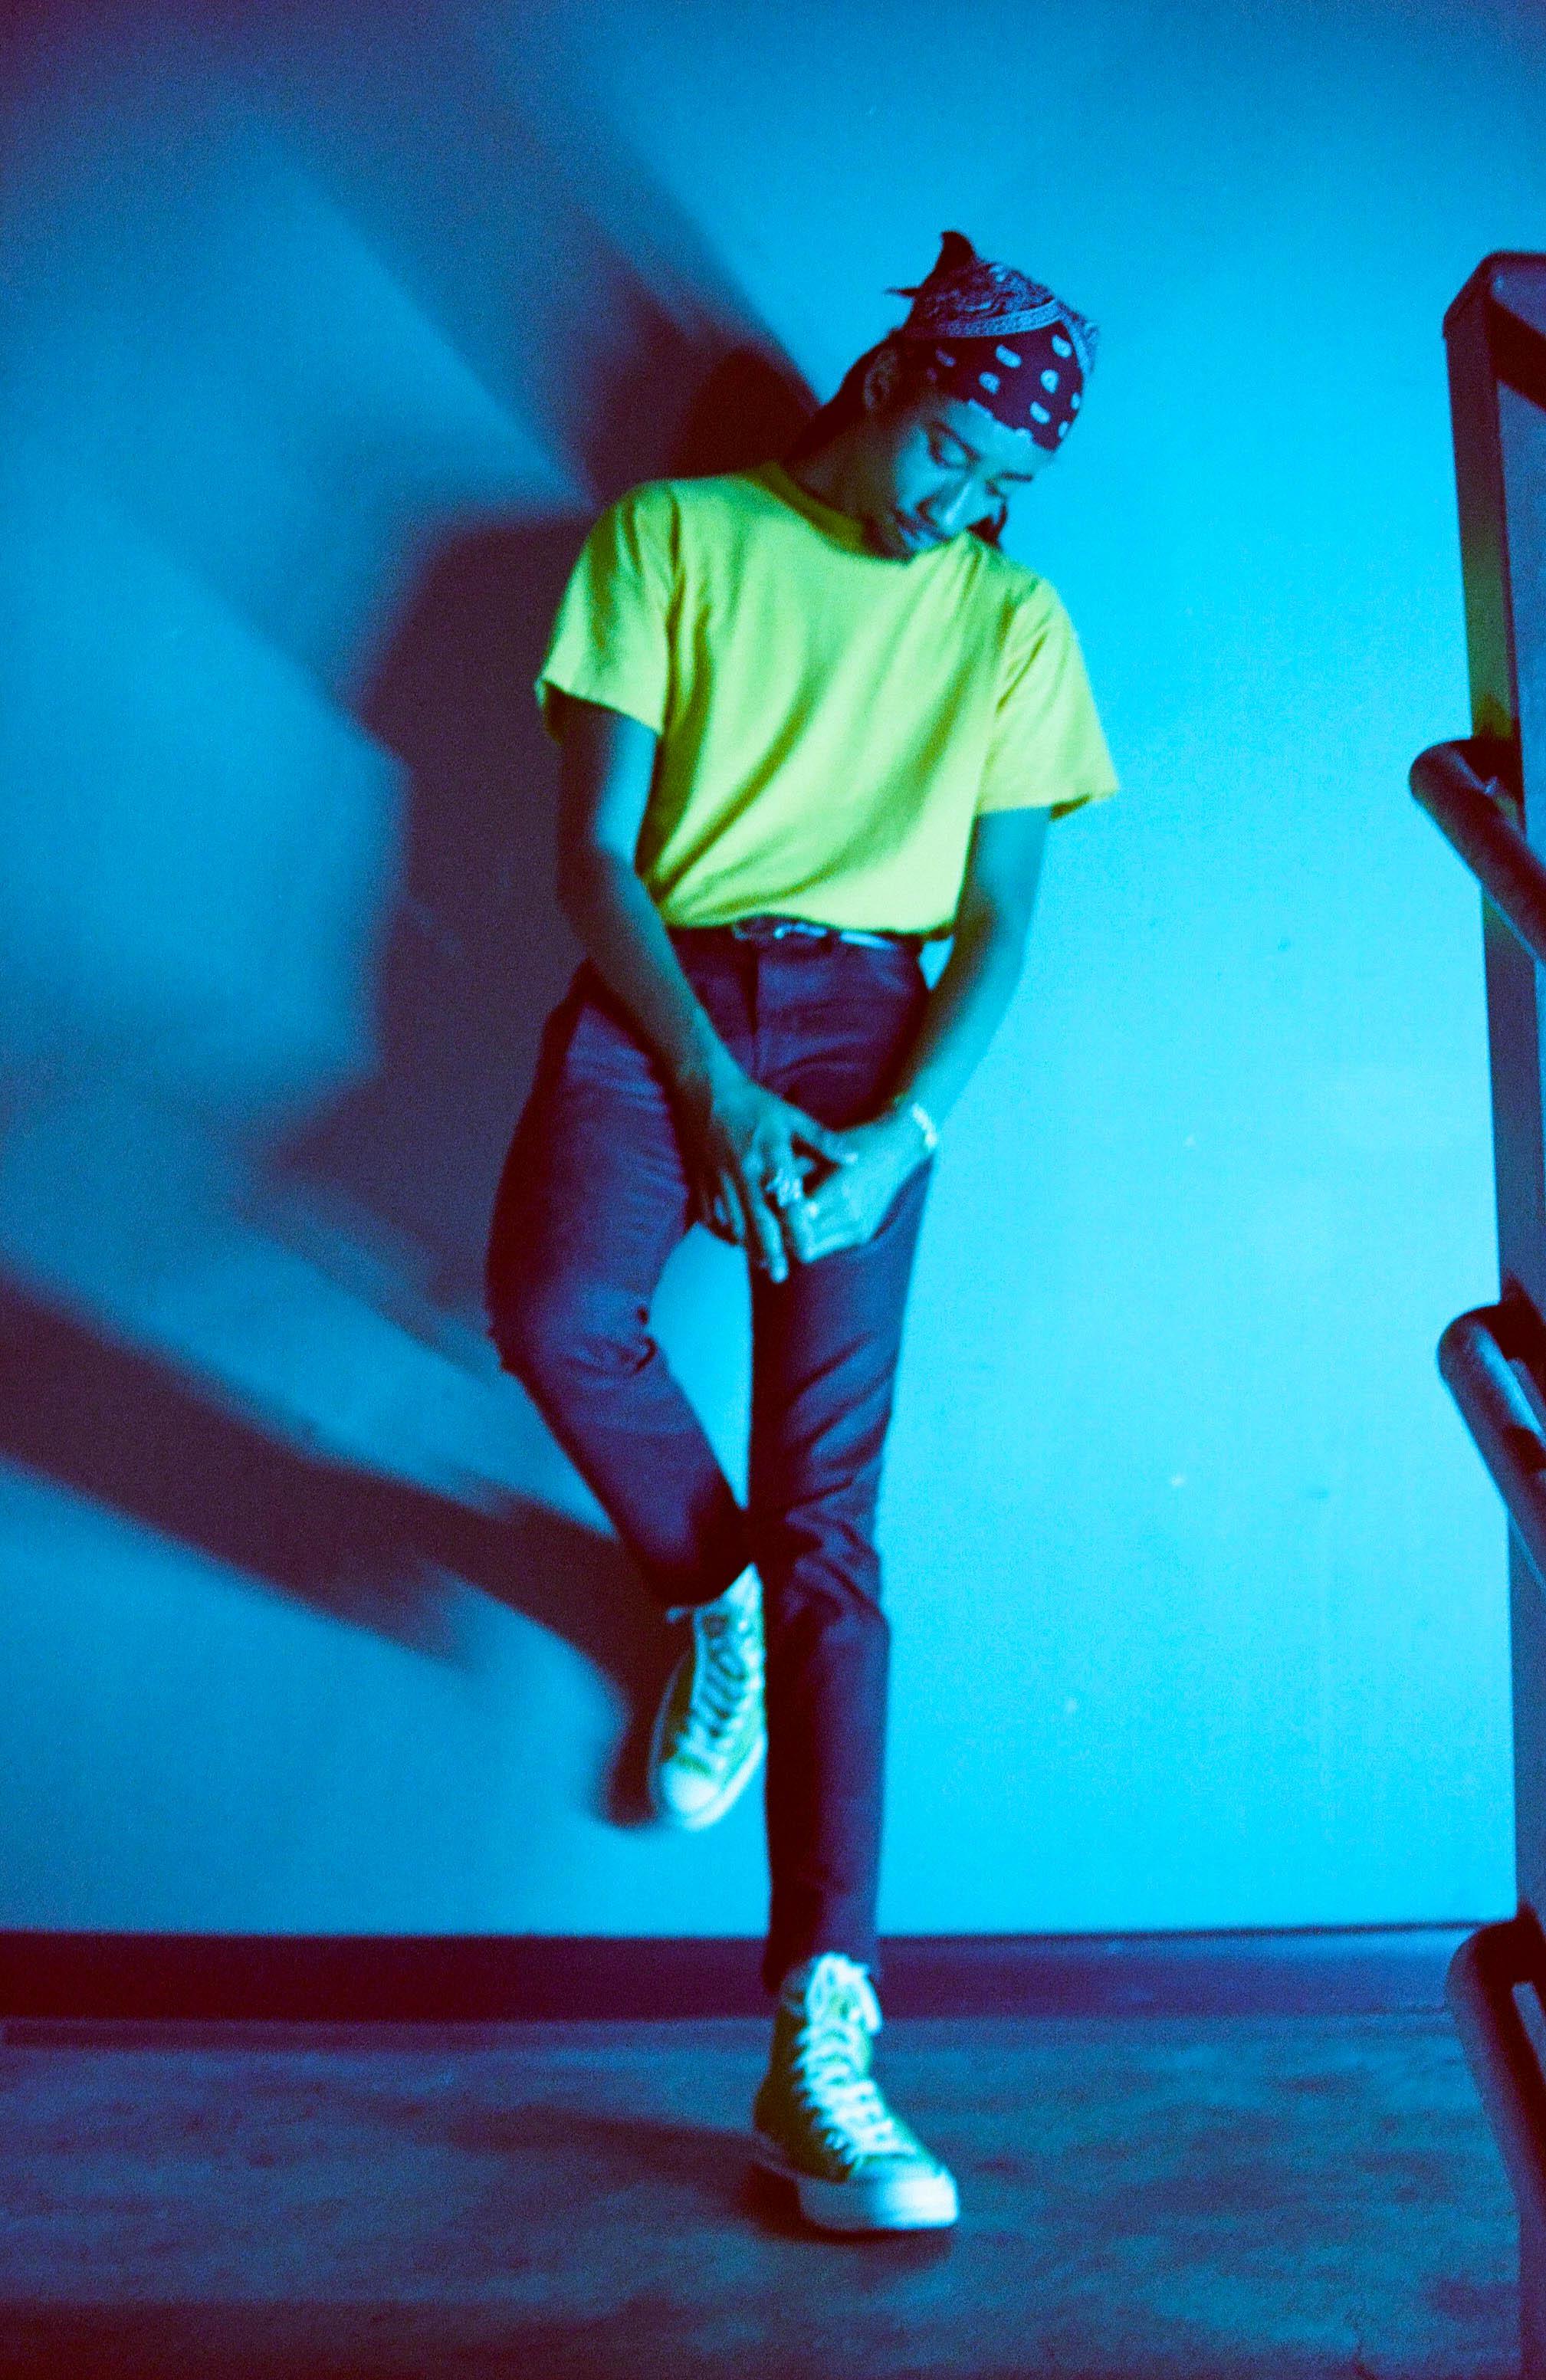 Photograph by Rachel Cabitt